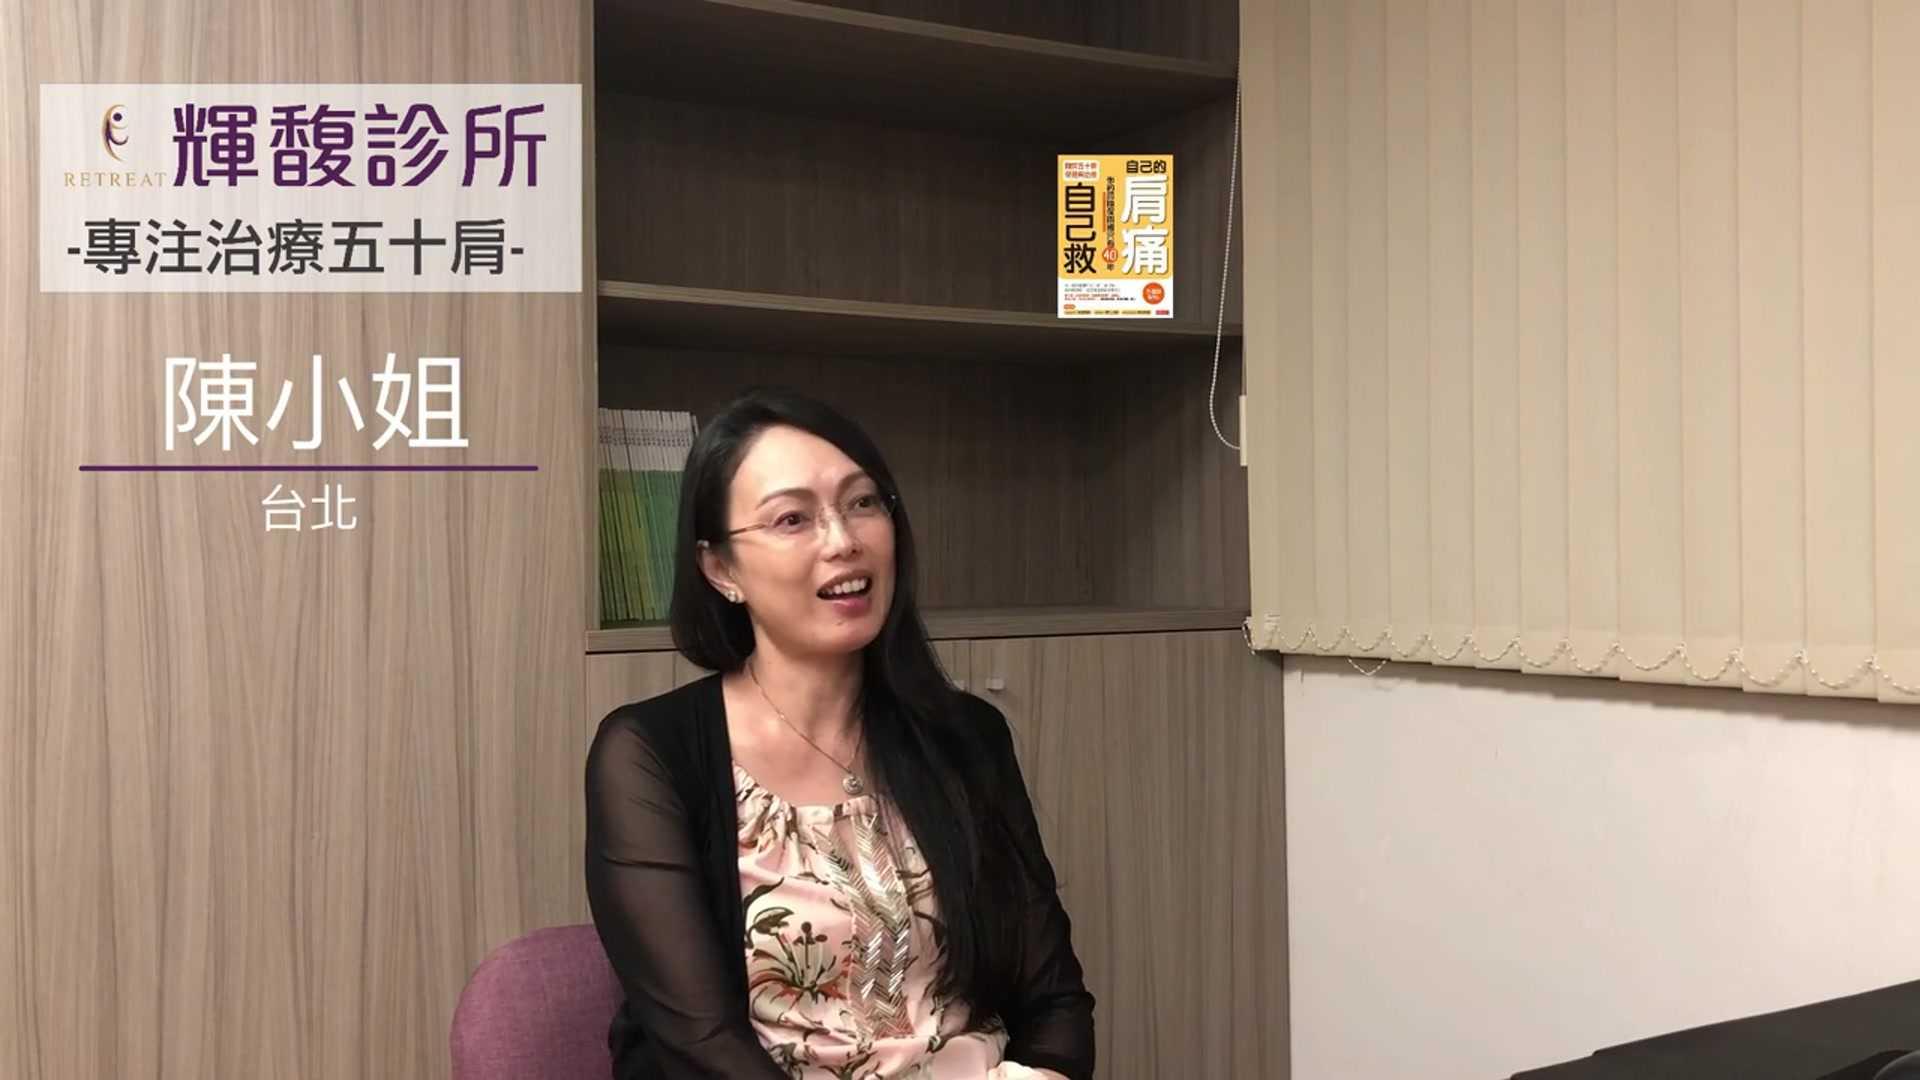 61 台北 陳小姐 不要做無謂的掙扎了